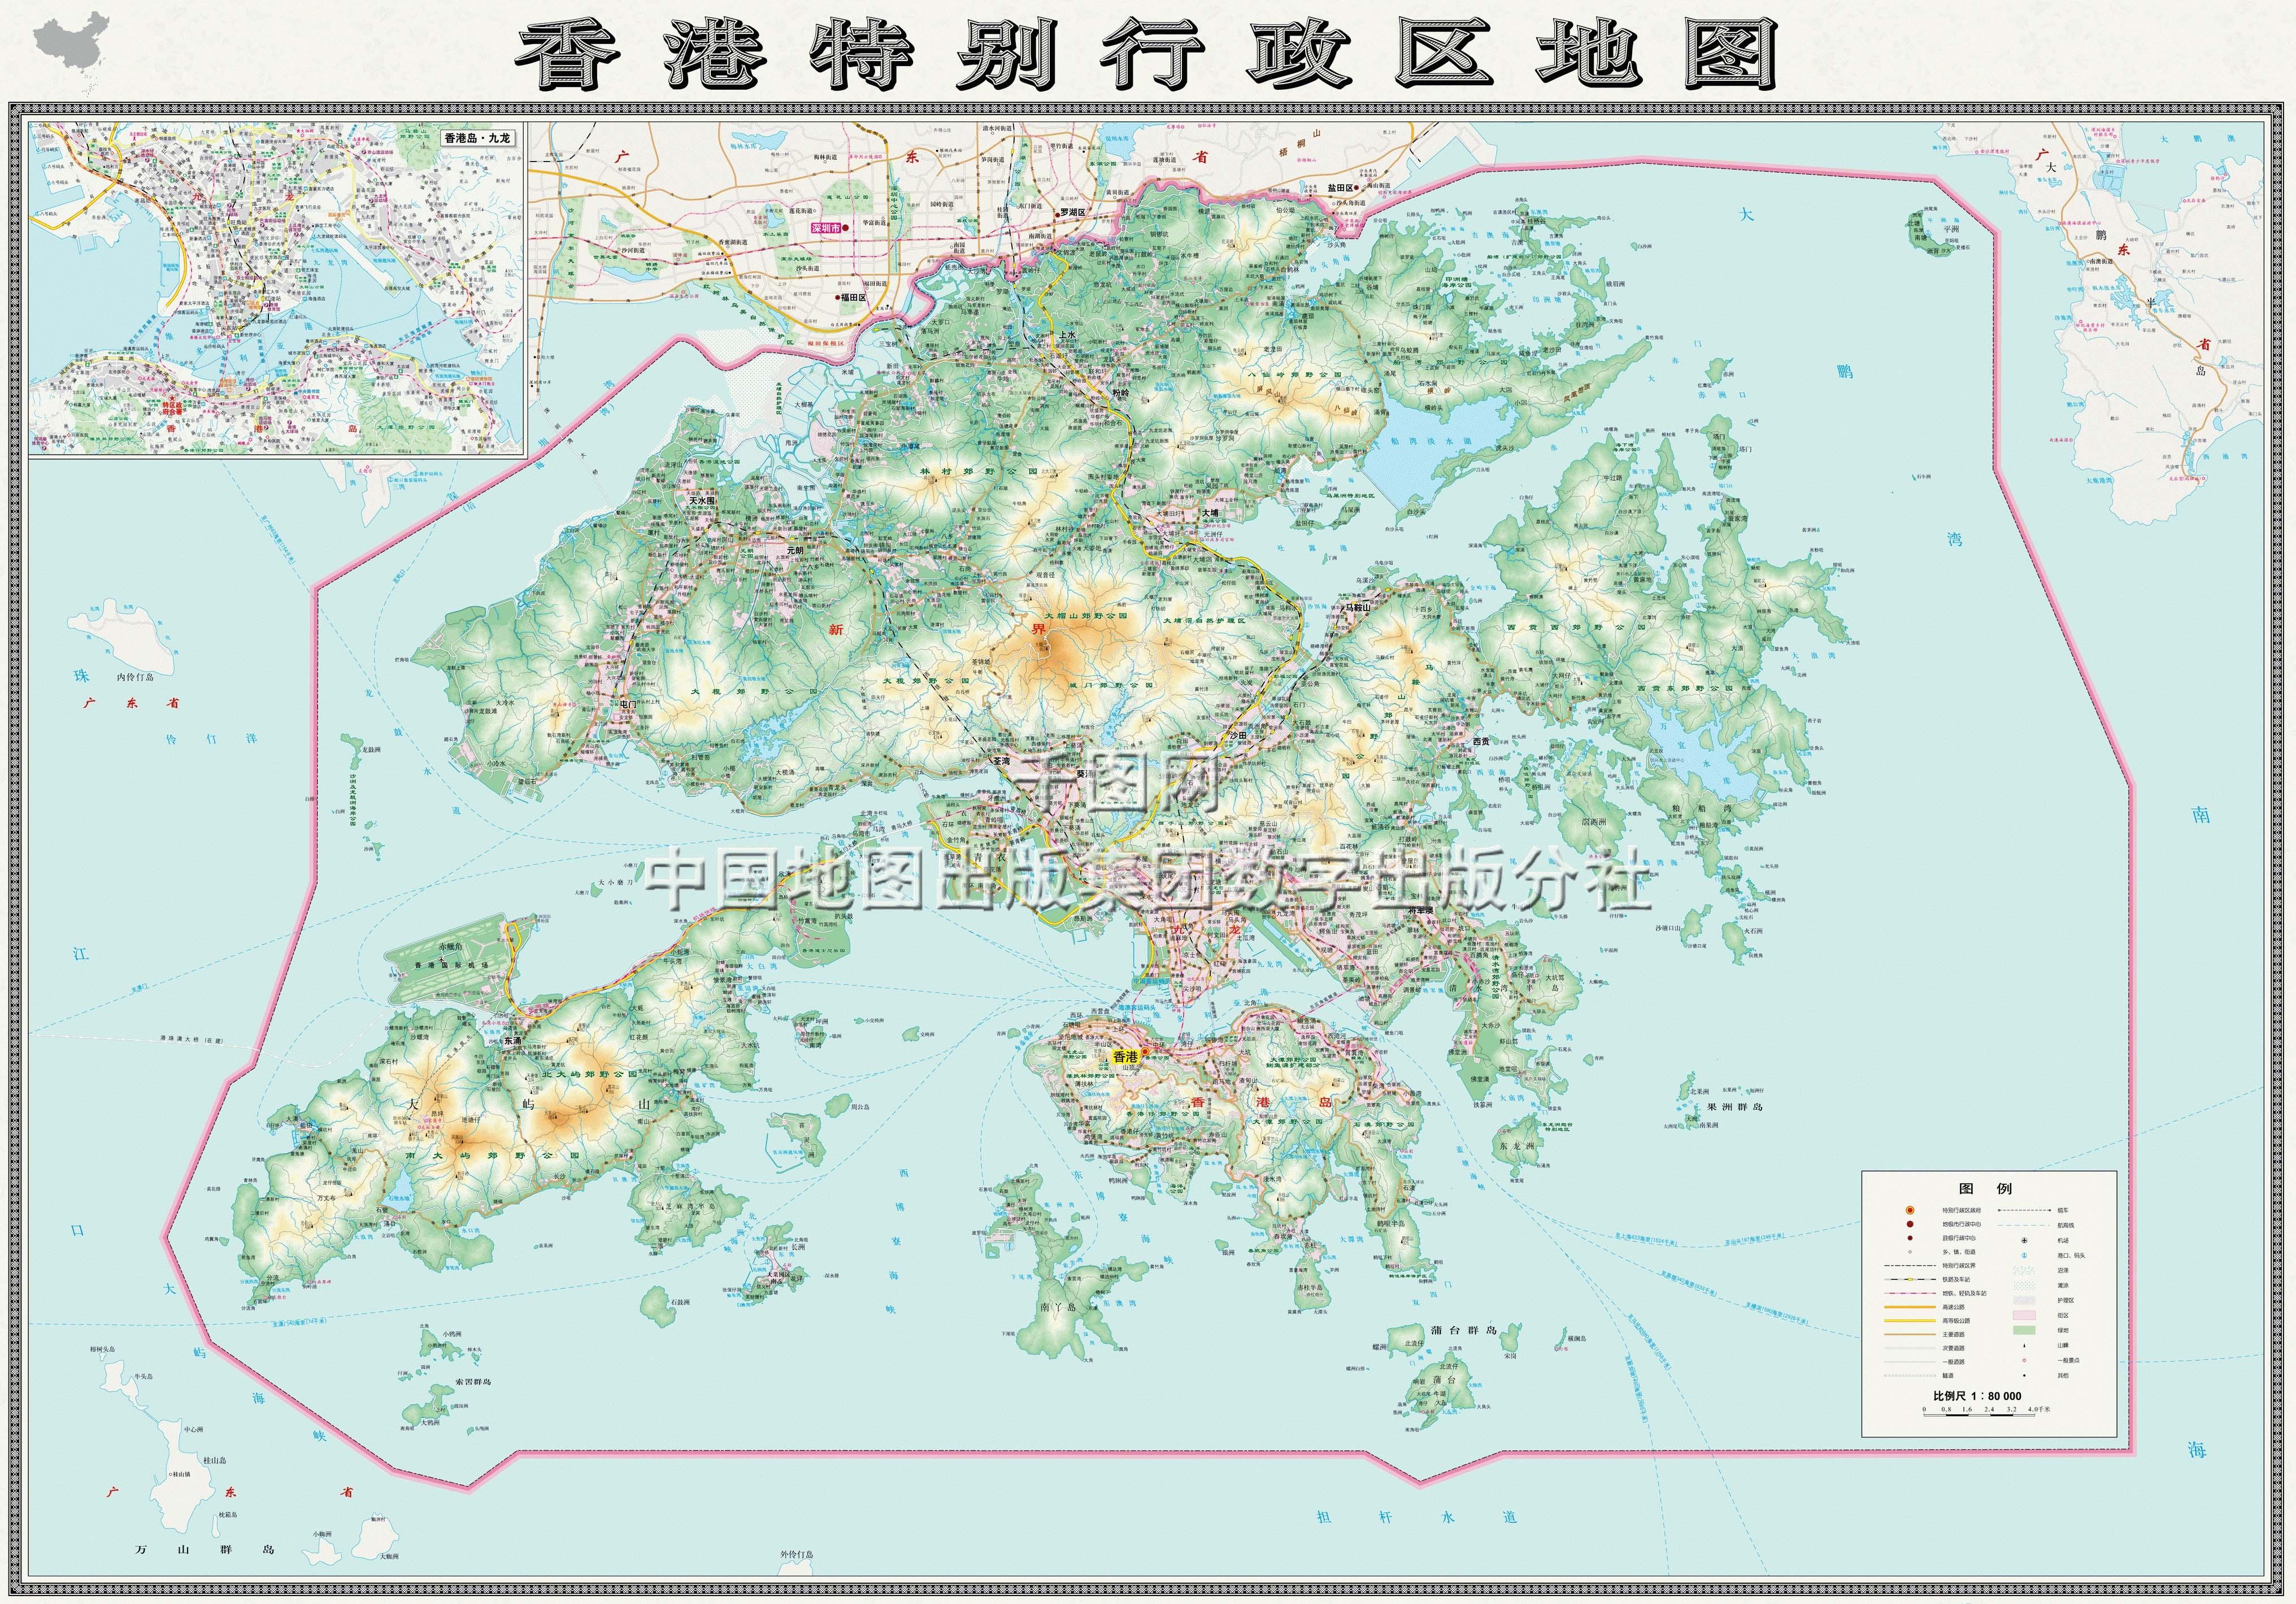 香港特别行政区地图高清版